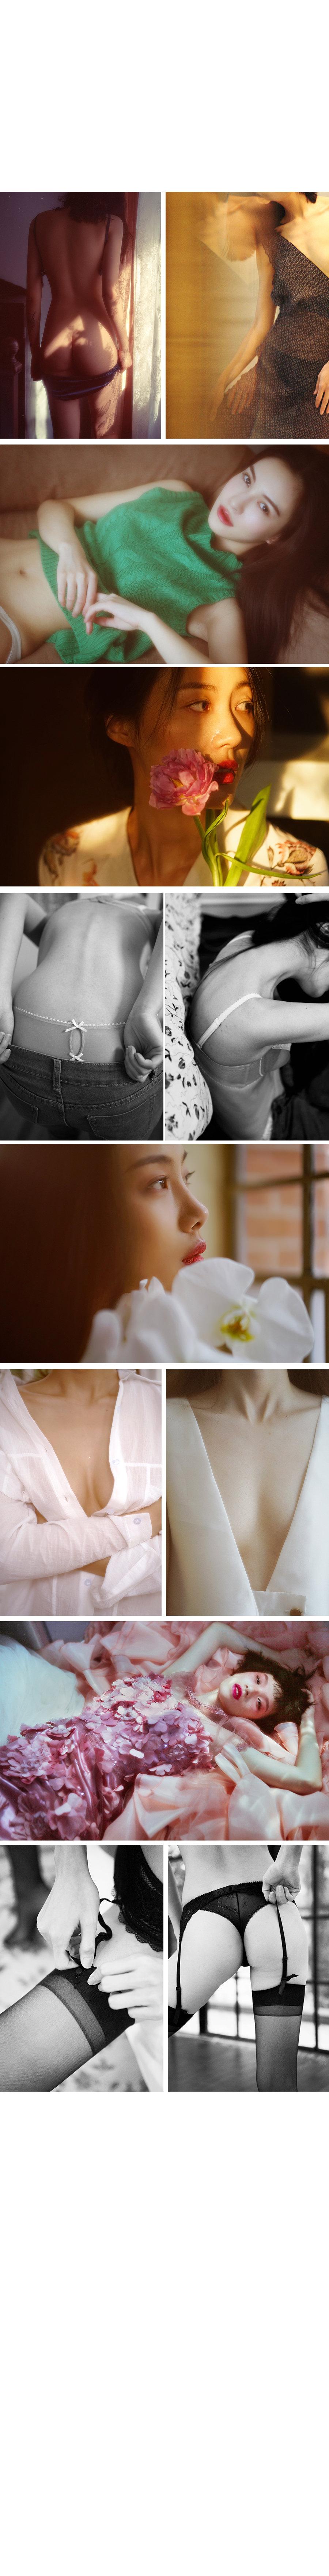 私房人像摄影师《双囍是朵花儿》 福利吧 第3张